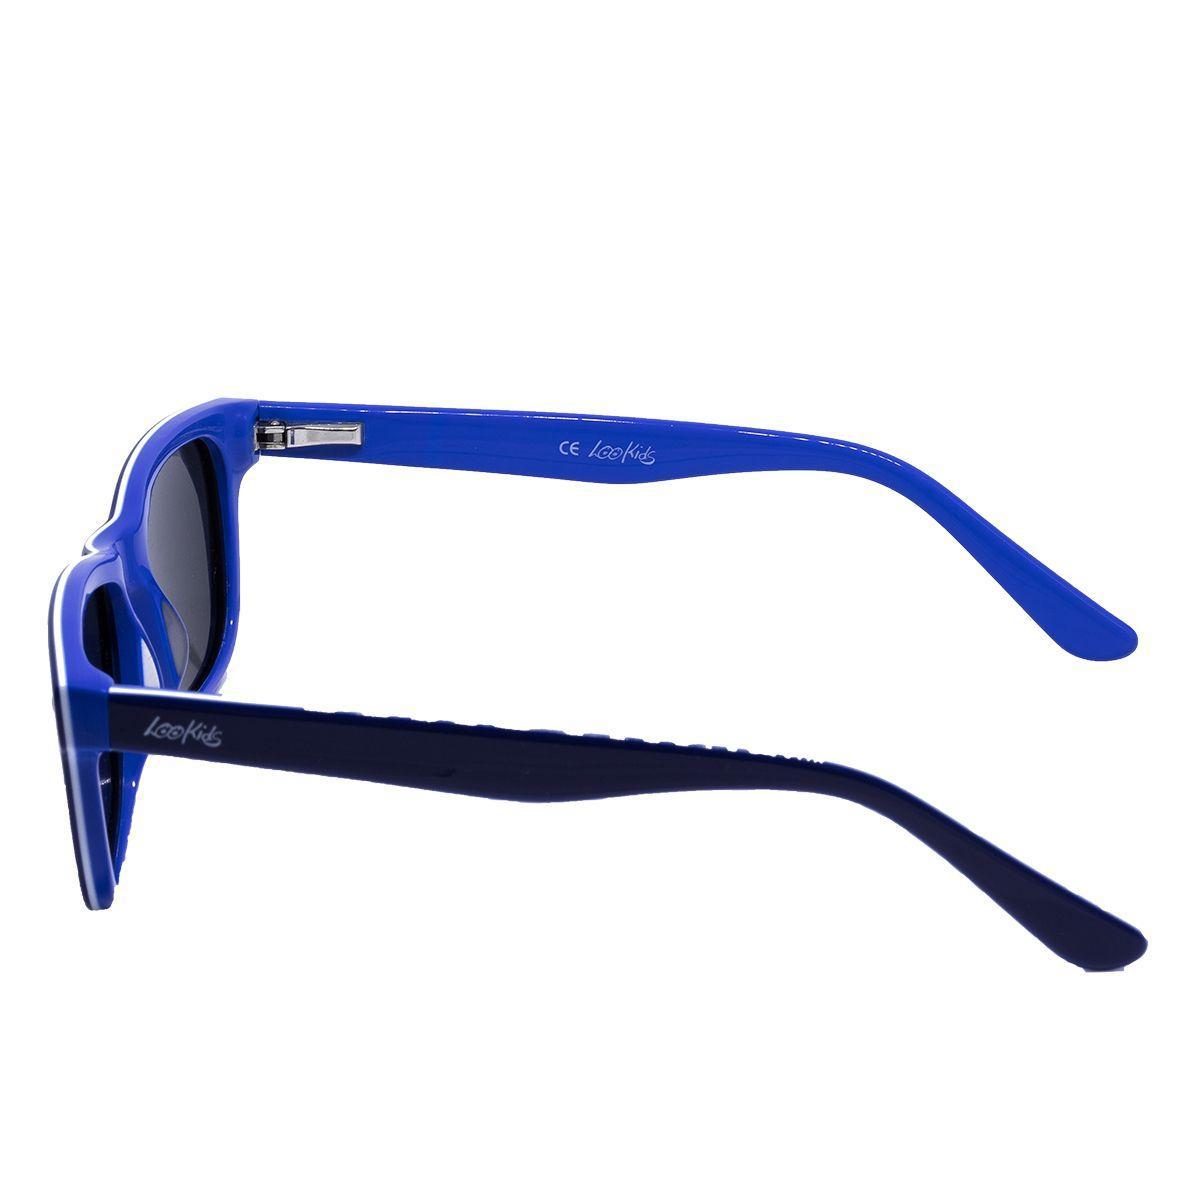 b61f5a2b2b2b0 Óculos de Sol Lookids LD6140 2 - acetato azul branco